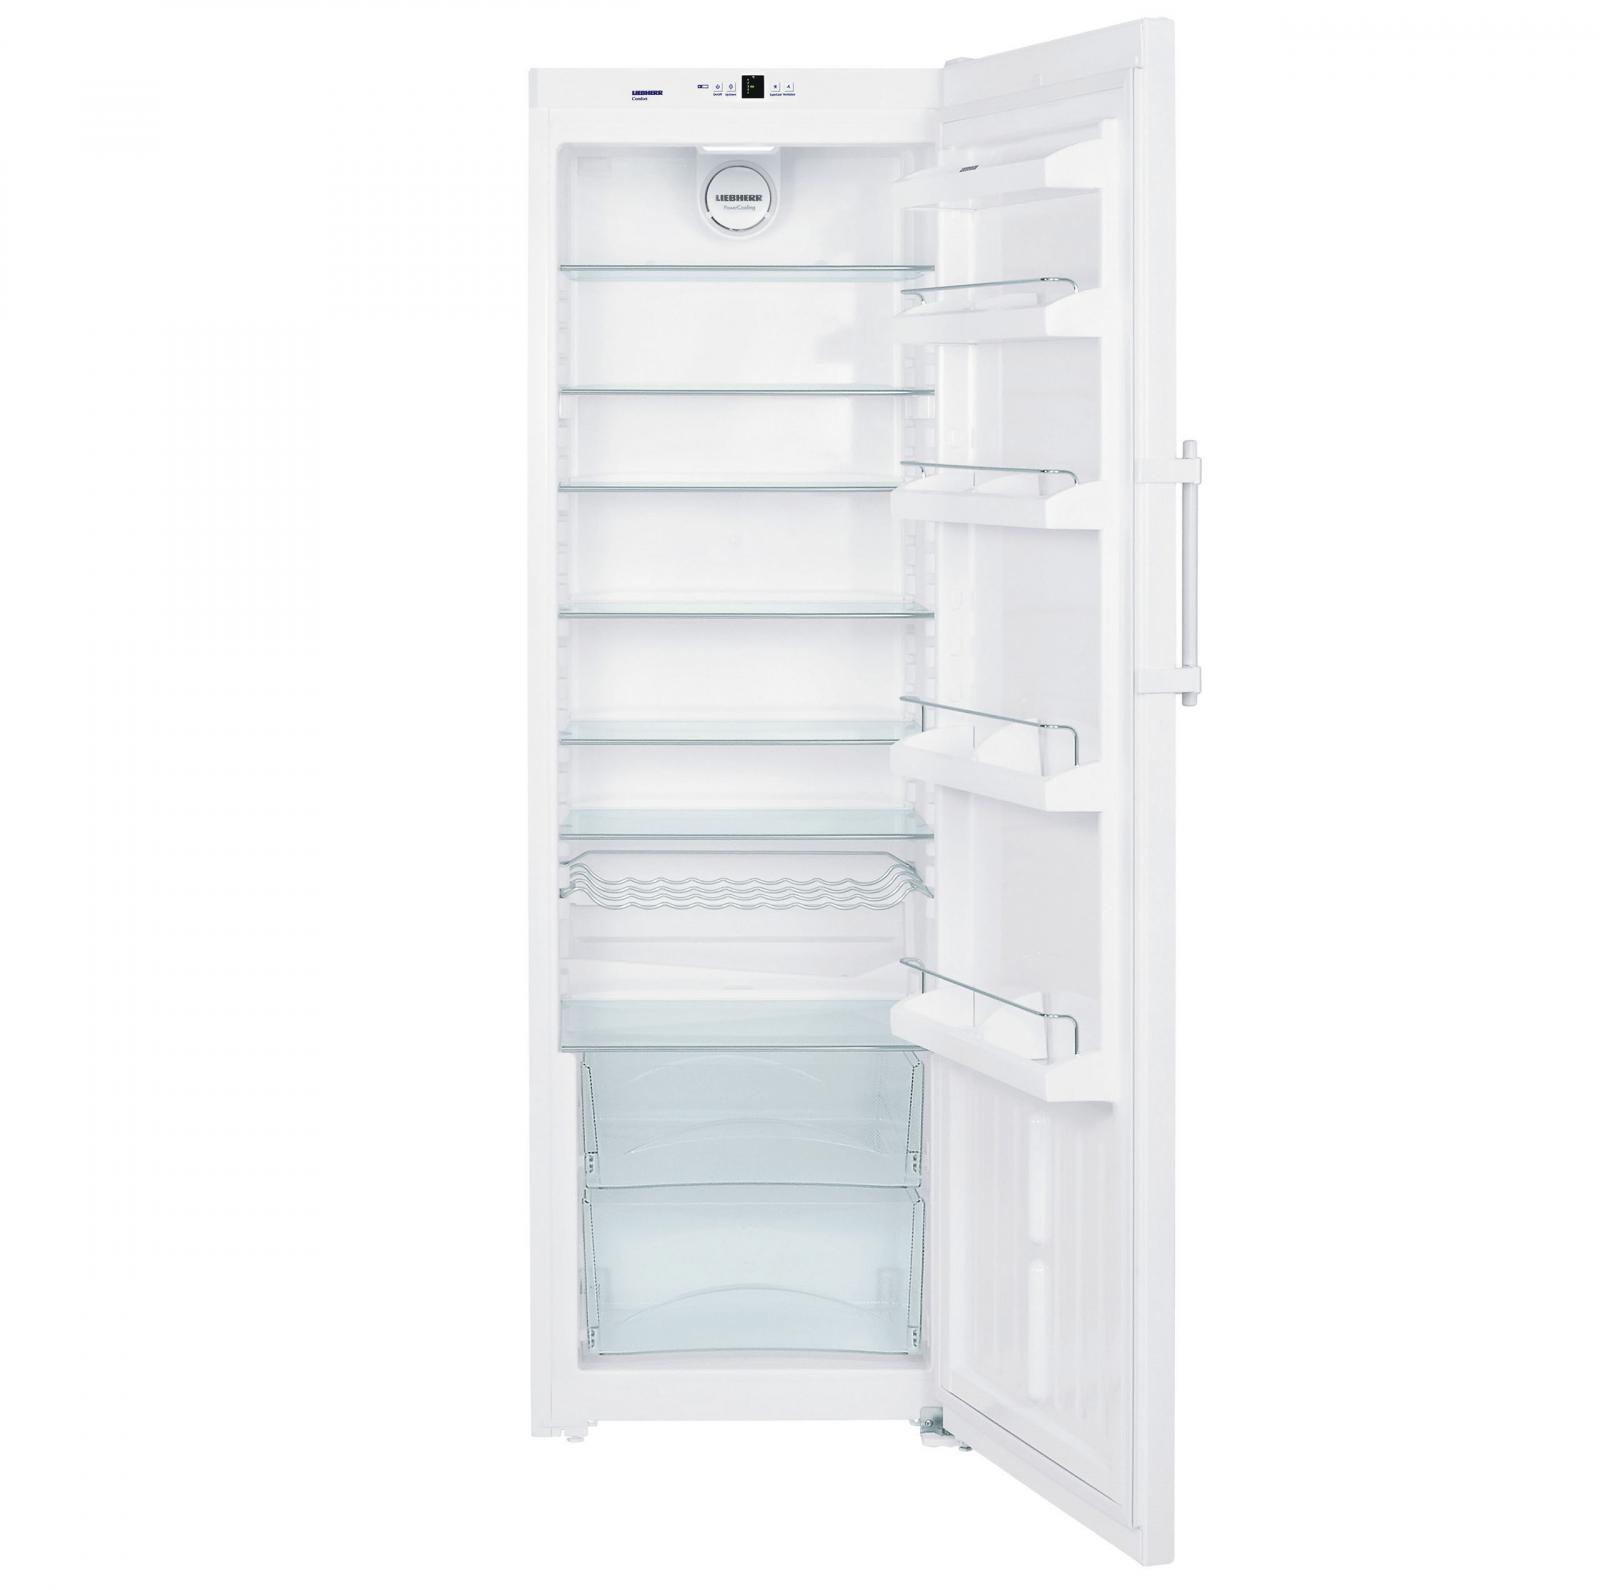 купить Однокамерный холодильник Liebherr KP 4220 Украина фото 1